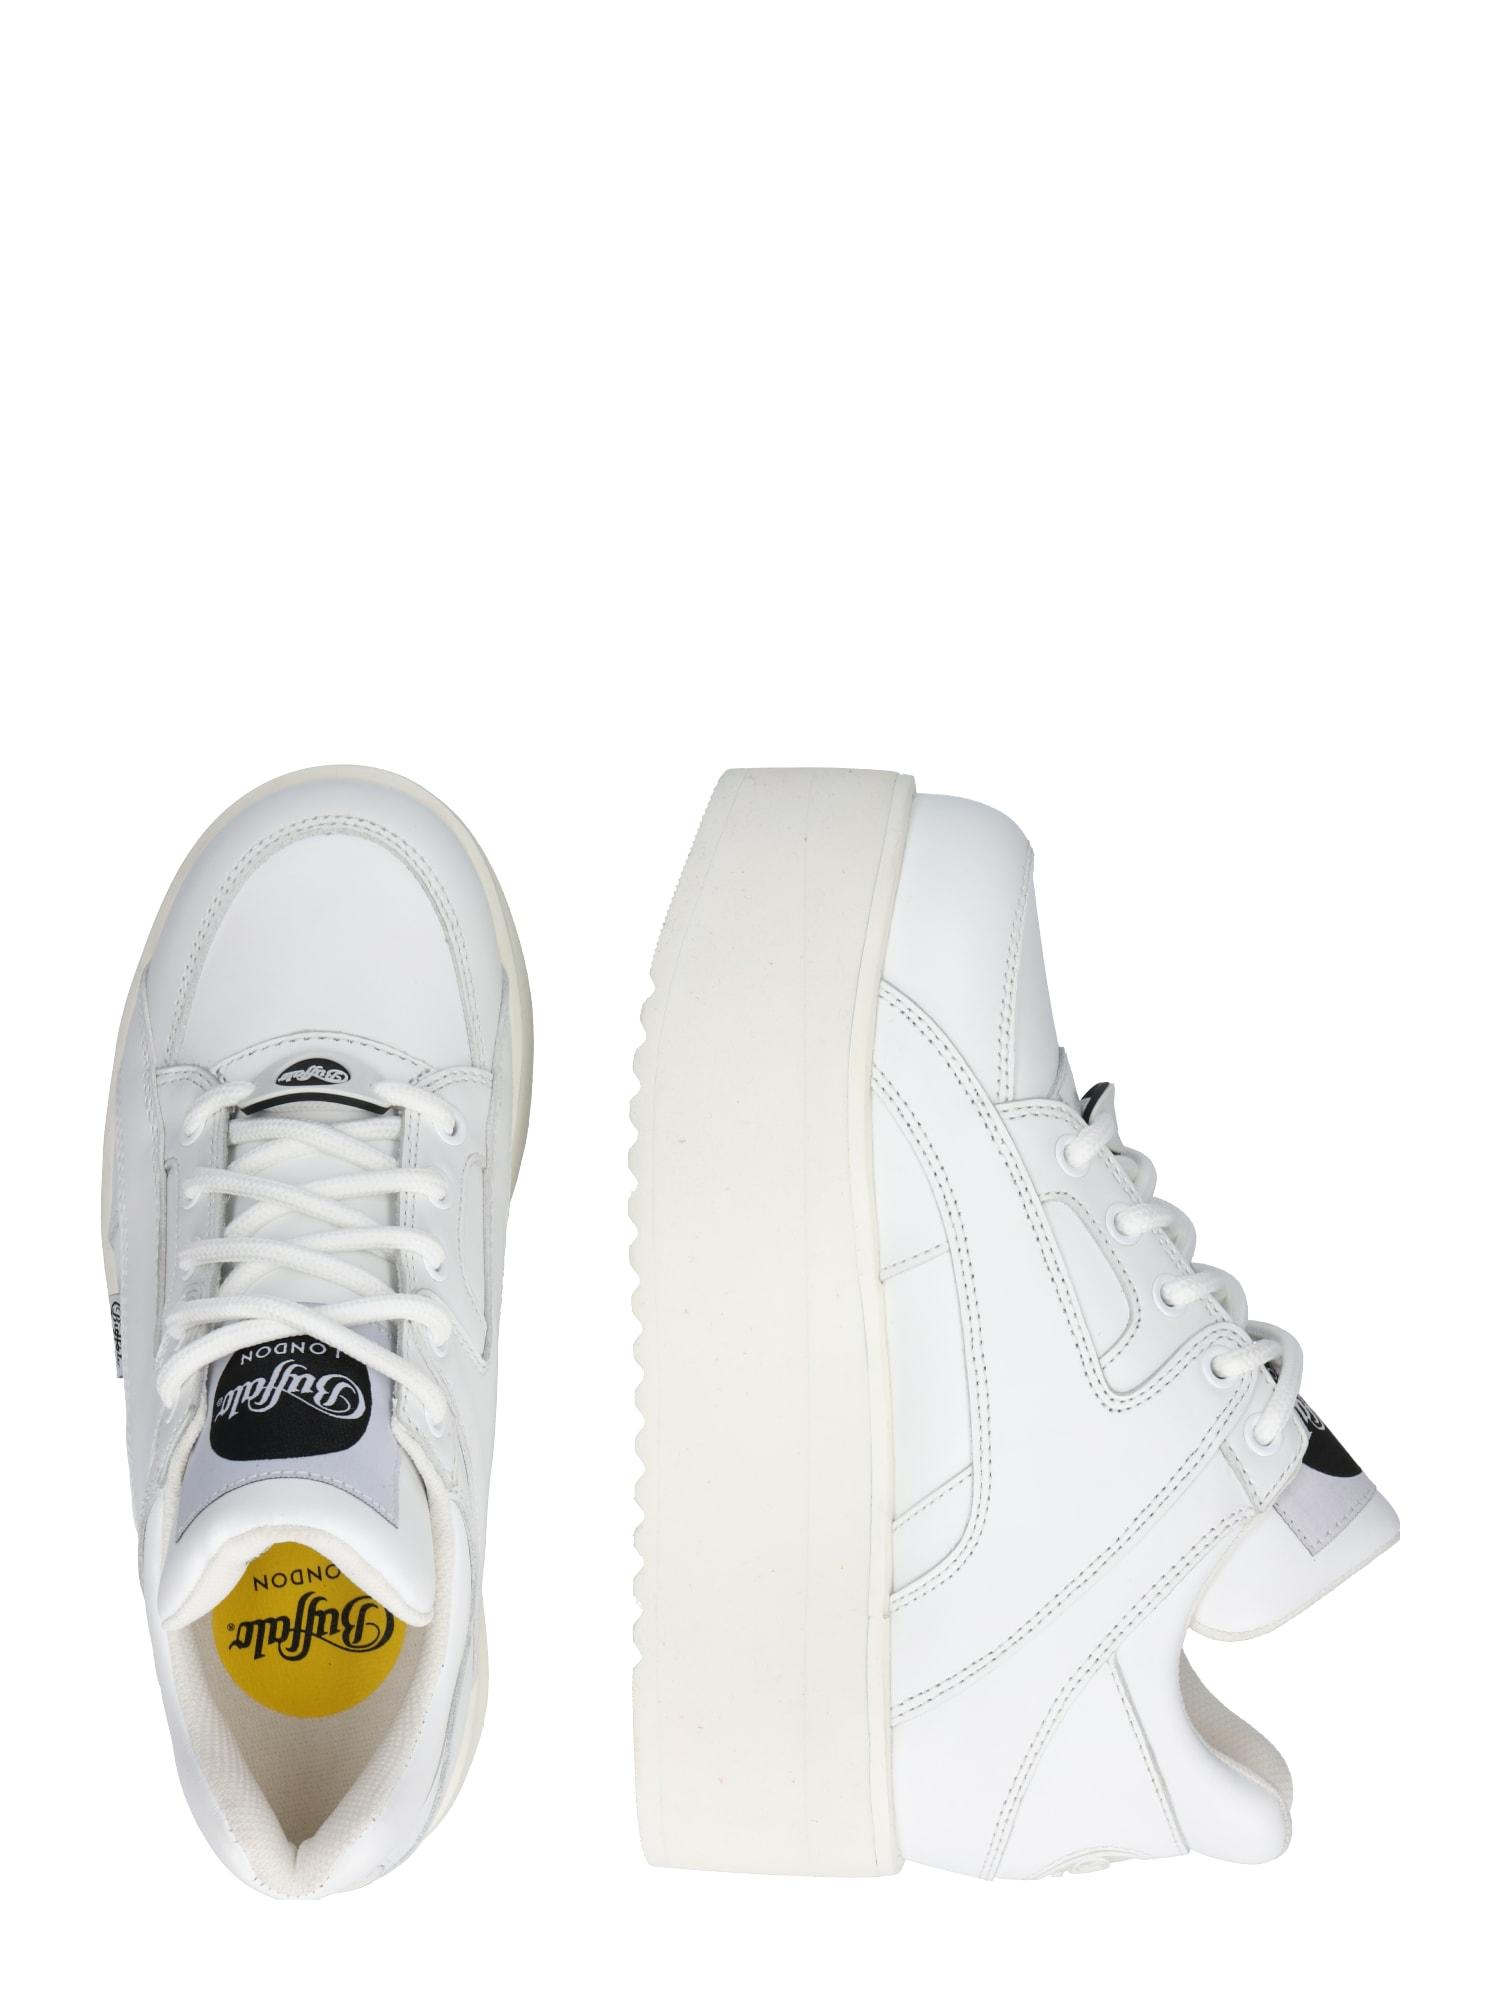 buffalo london - Sneaker '1330-6'